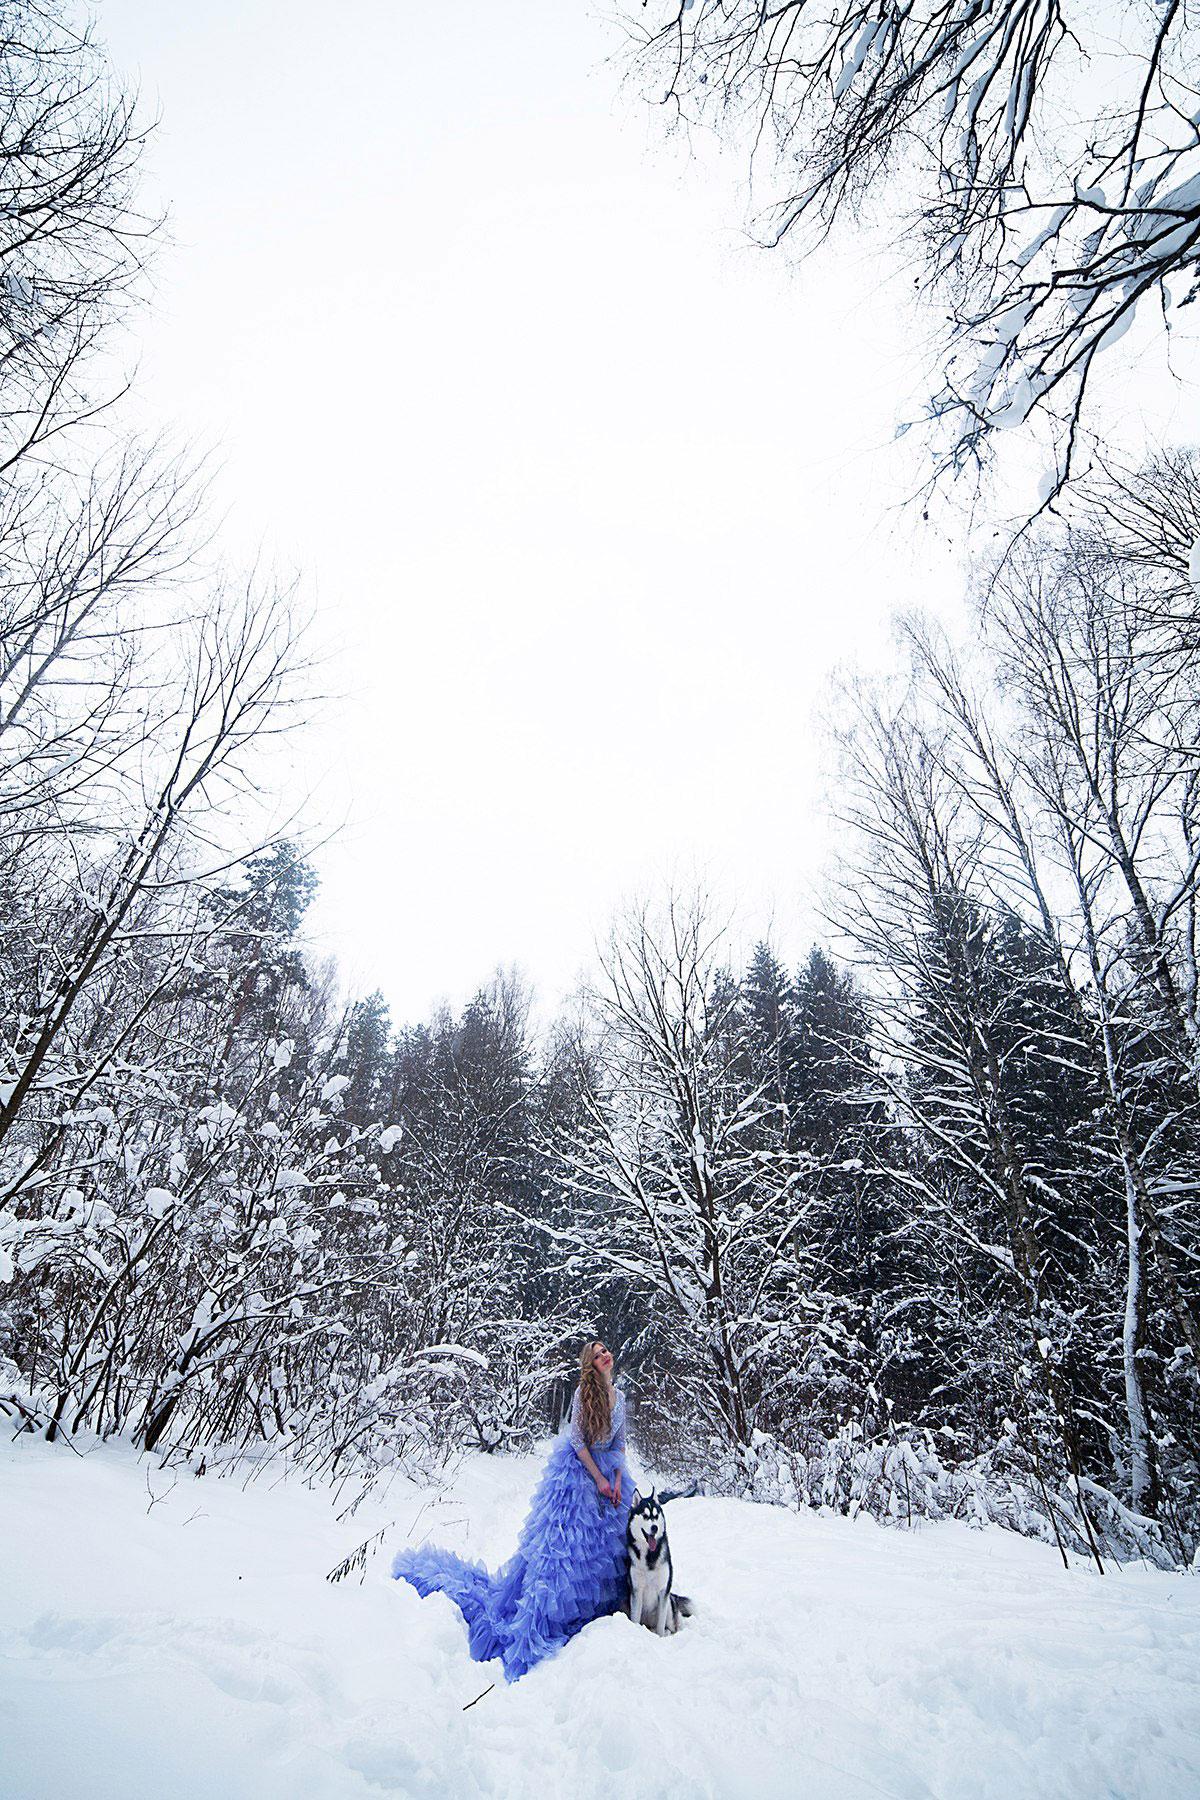 Необычная фотосессия с хаски в зимнем лесу